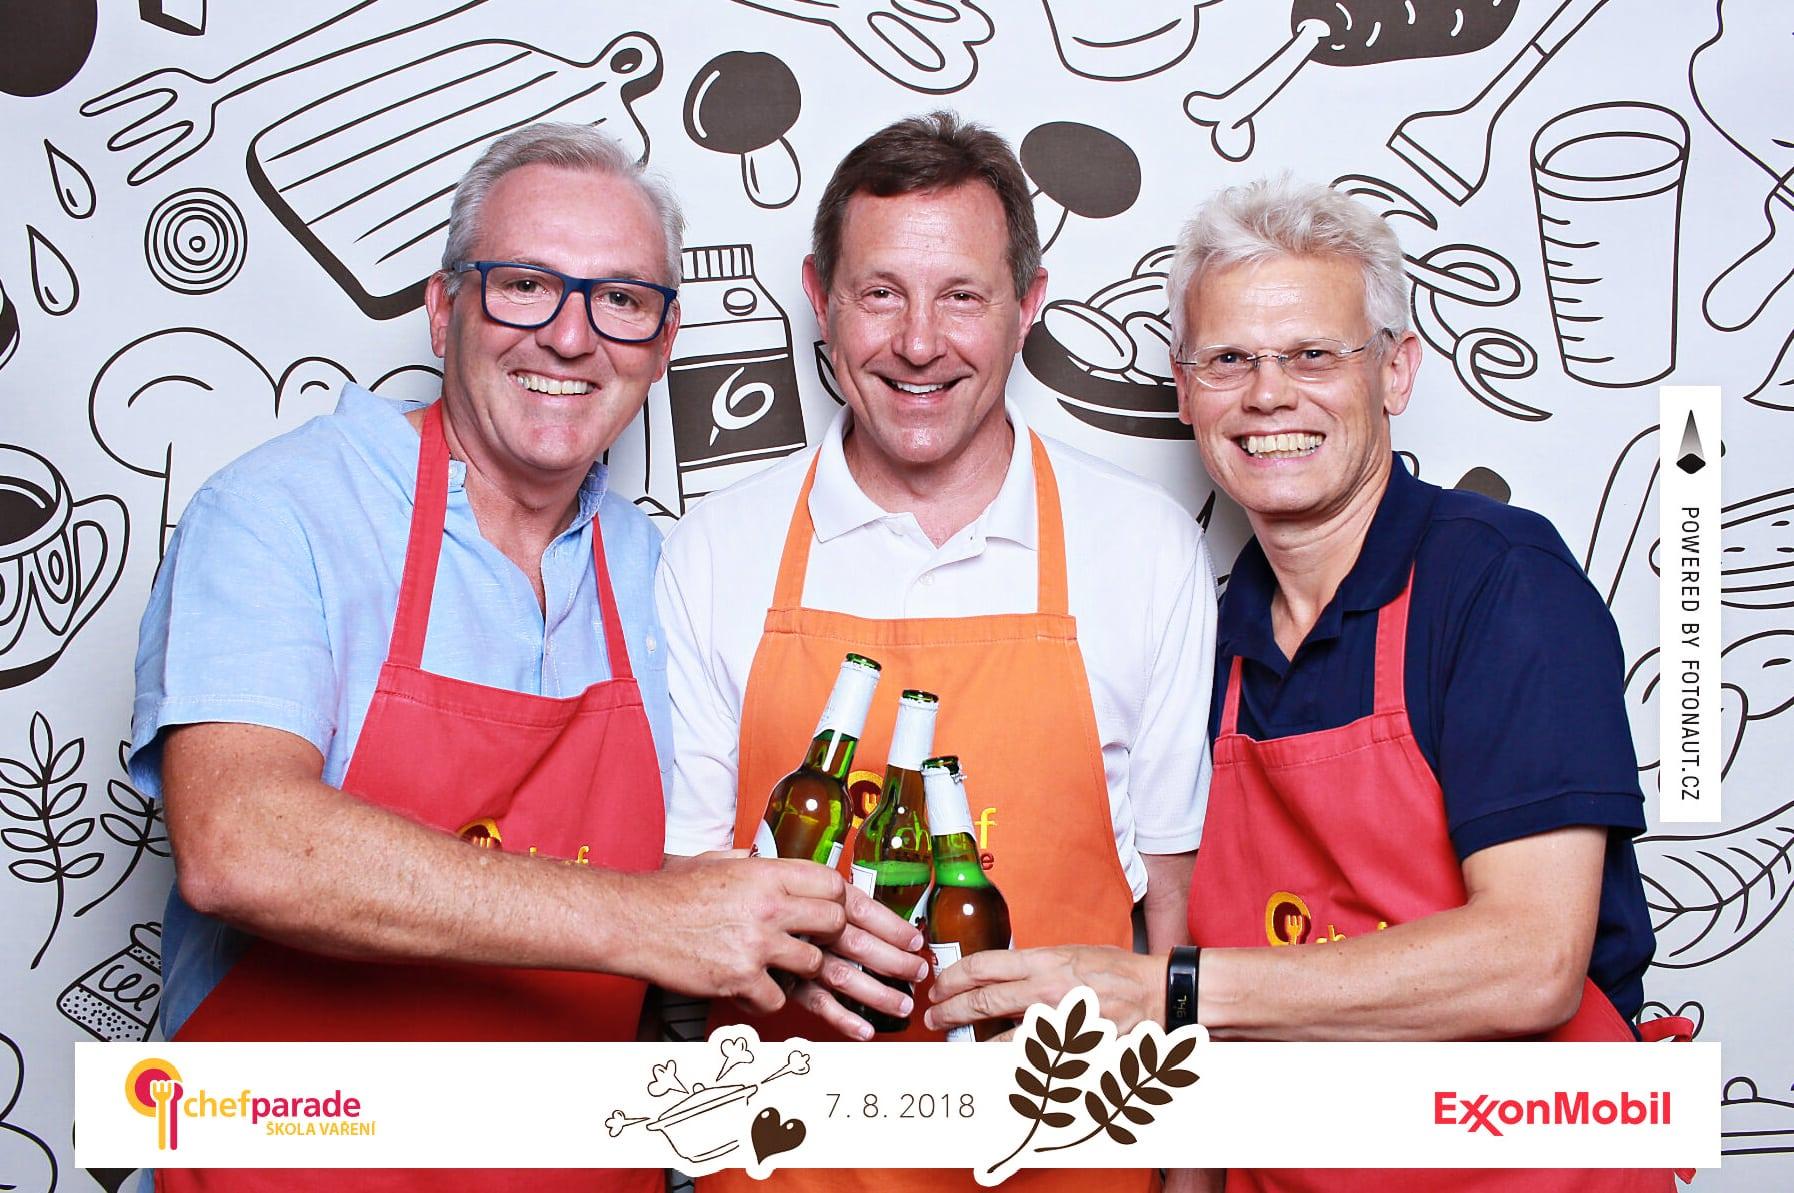 fotokoutek-chefparade-7-8-2018-469750